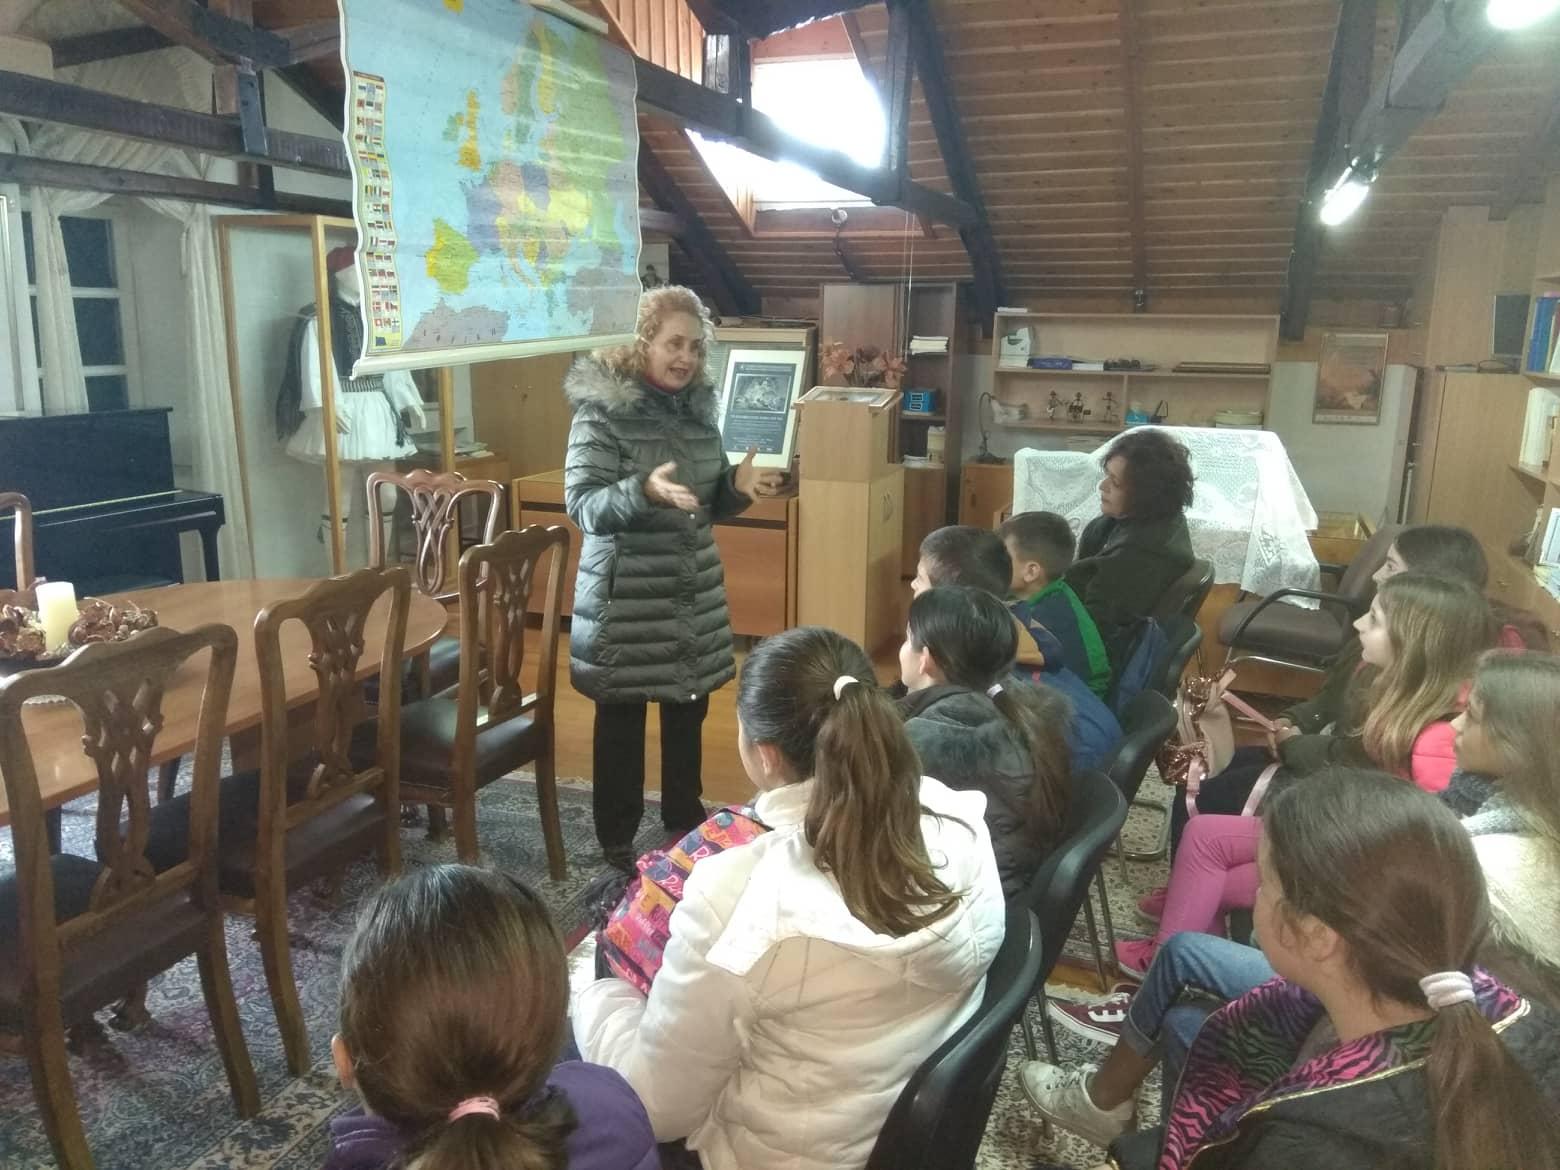 """Επίσκεψη του δημοτικού σχολείου Ευηνοχωρίου στη Βιβλιοθήκη της Βυρωνικής Εταιρείας, για το εκπαιδευτικό Πρόγραμμα """"Ελληνική Επανάσταση και Φιλελληνισμός""""."""